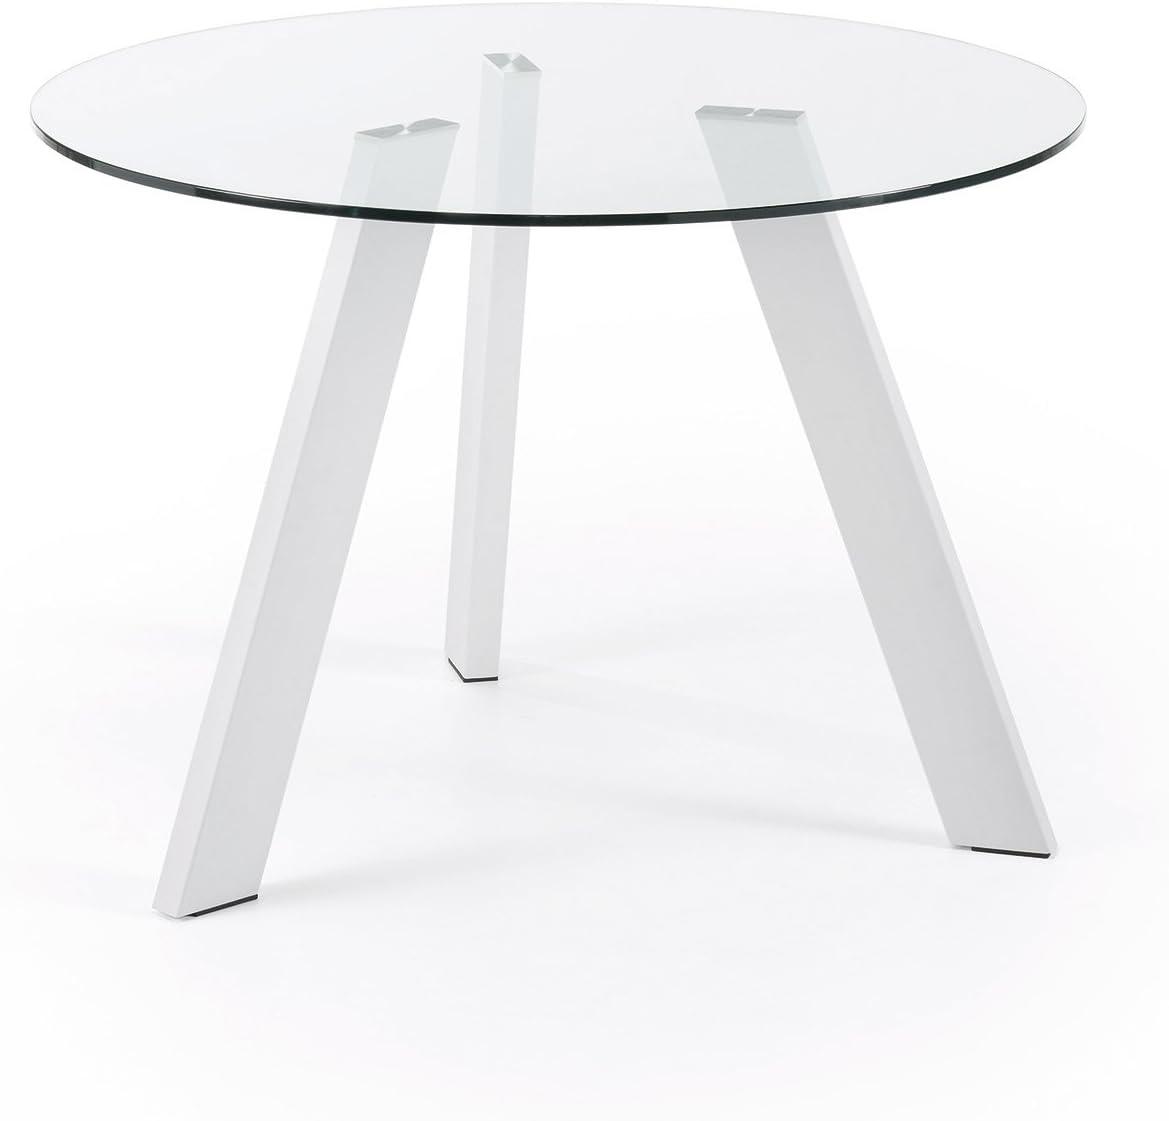 Kave Home Mesa Carib 110 cm, blanco y cristal